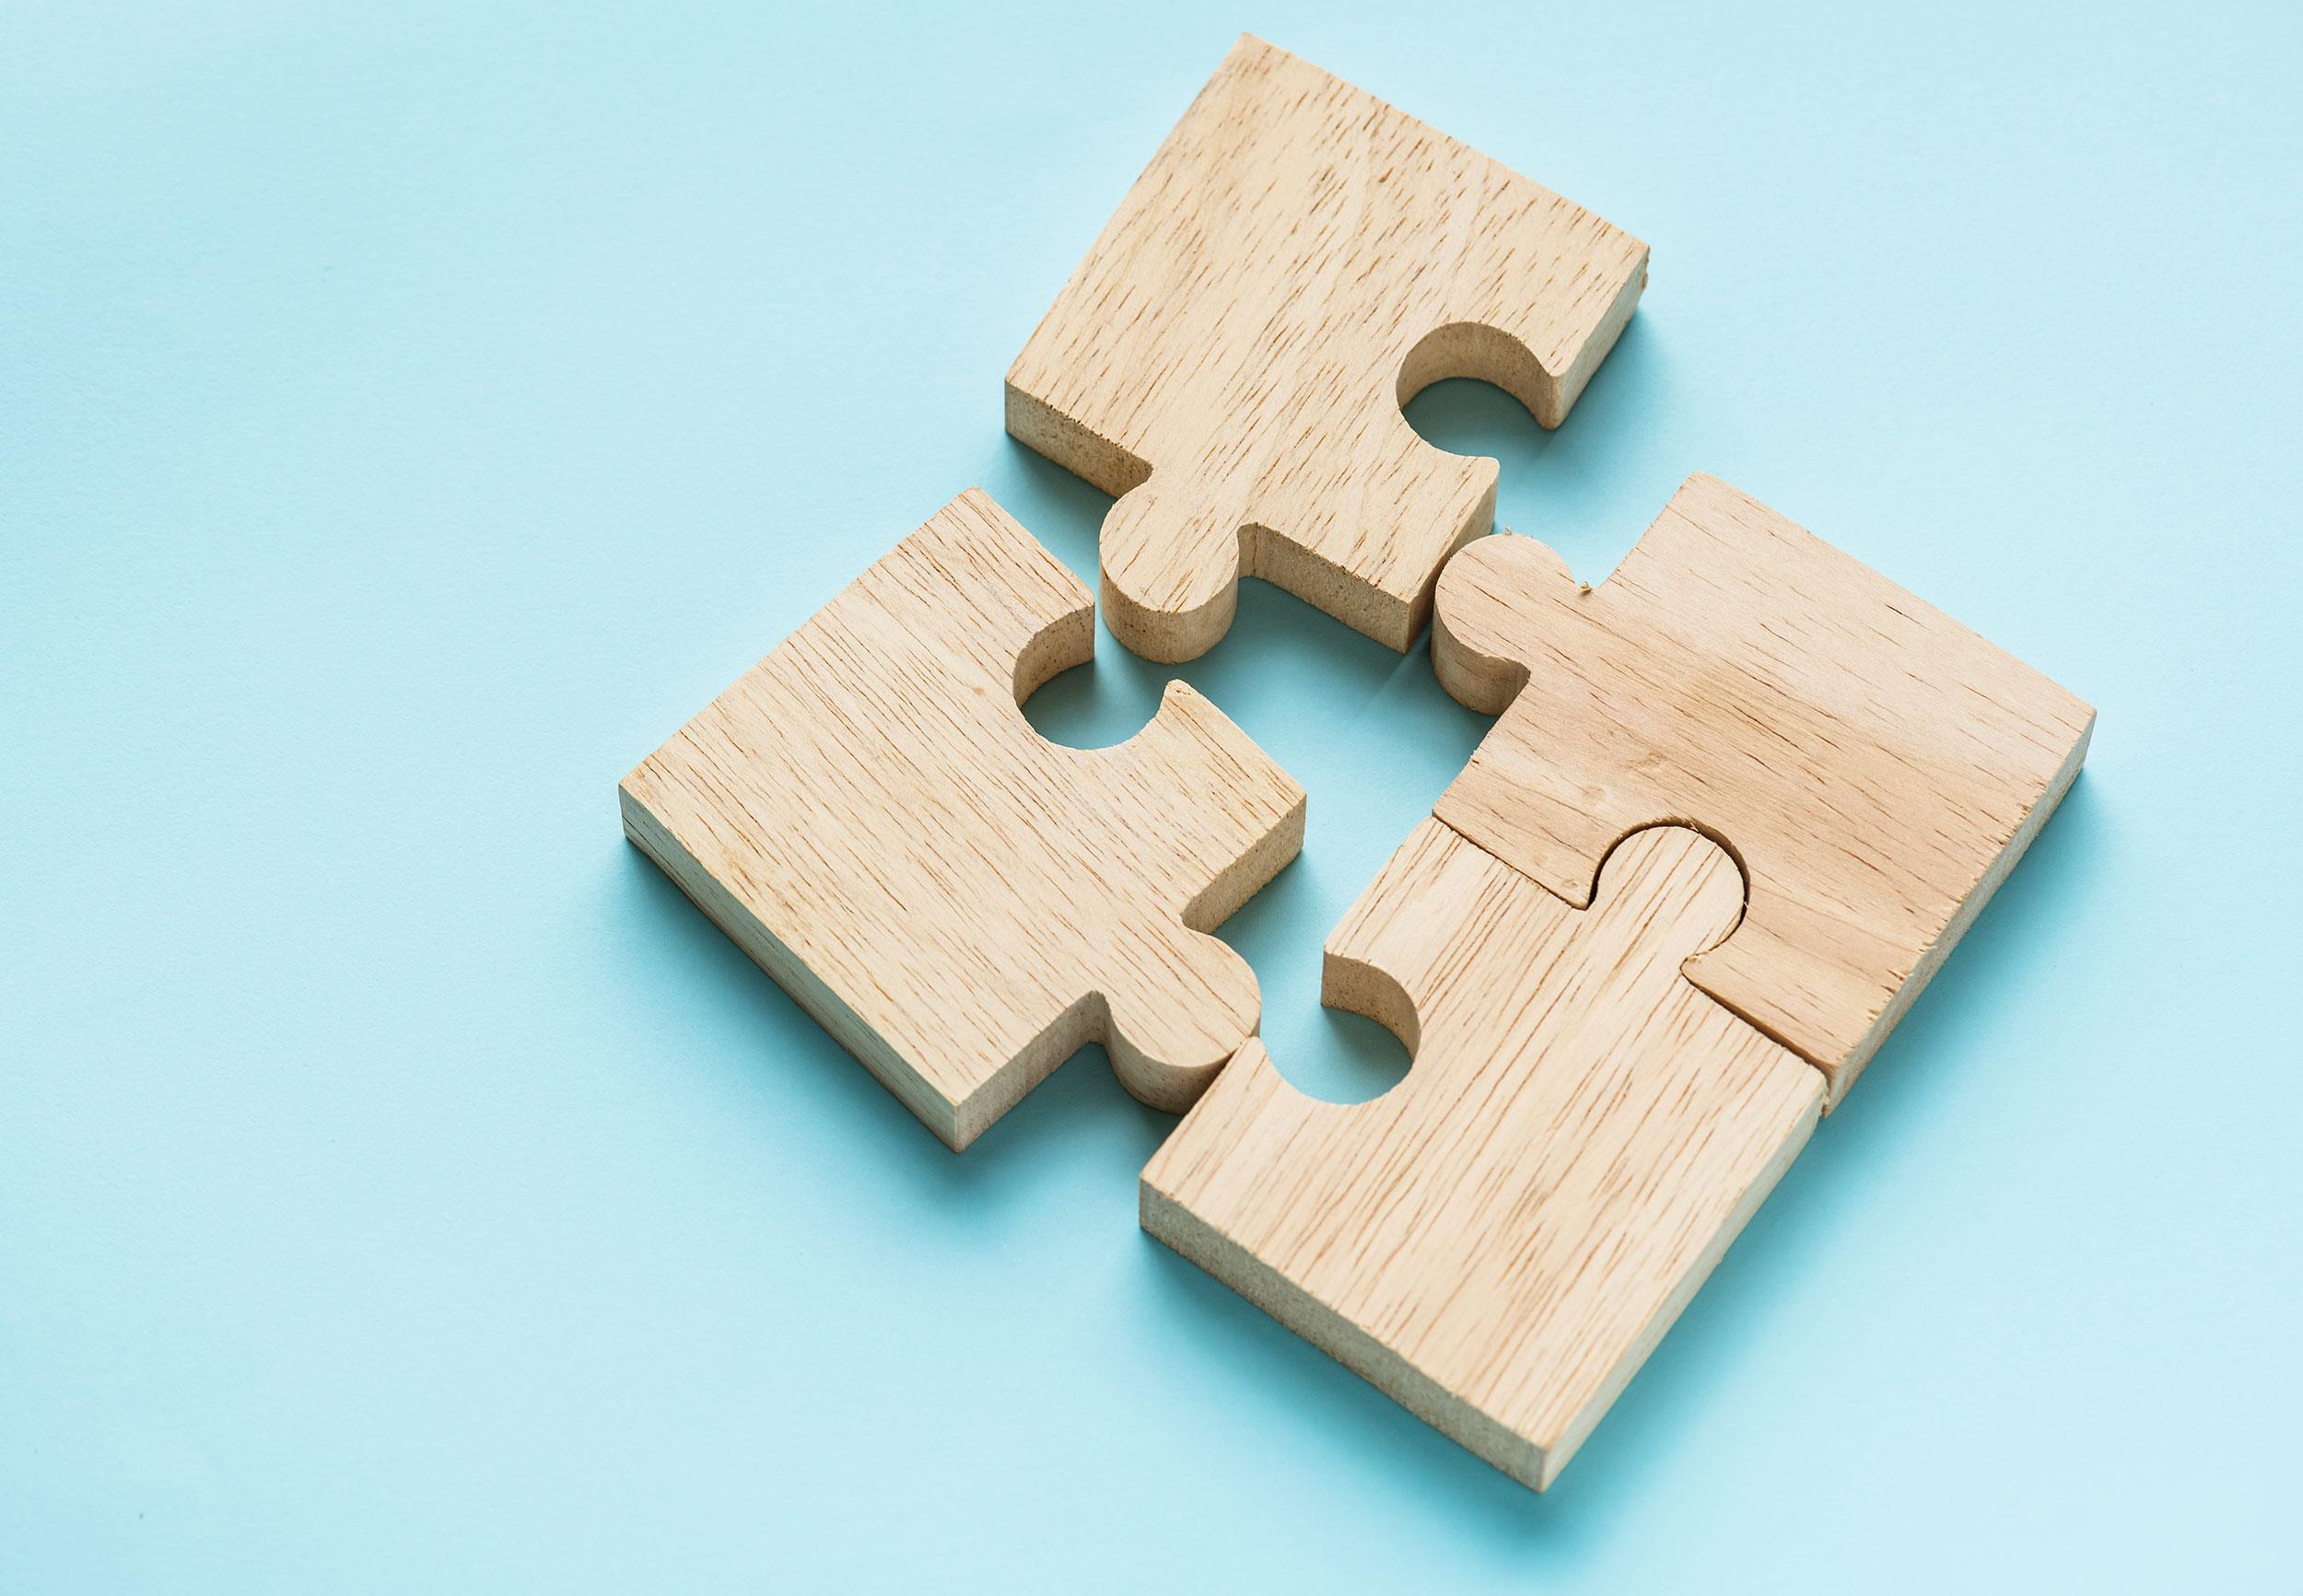 jigsaw-teamwork-concept-macro-shot